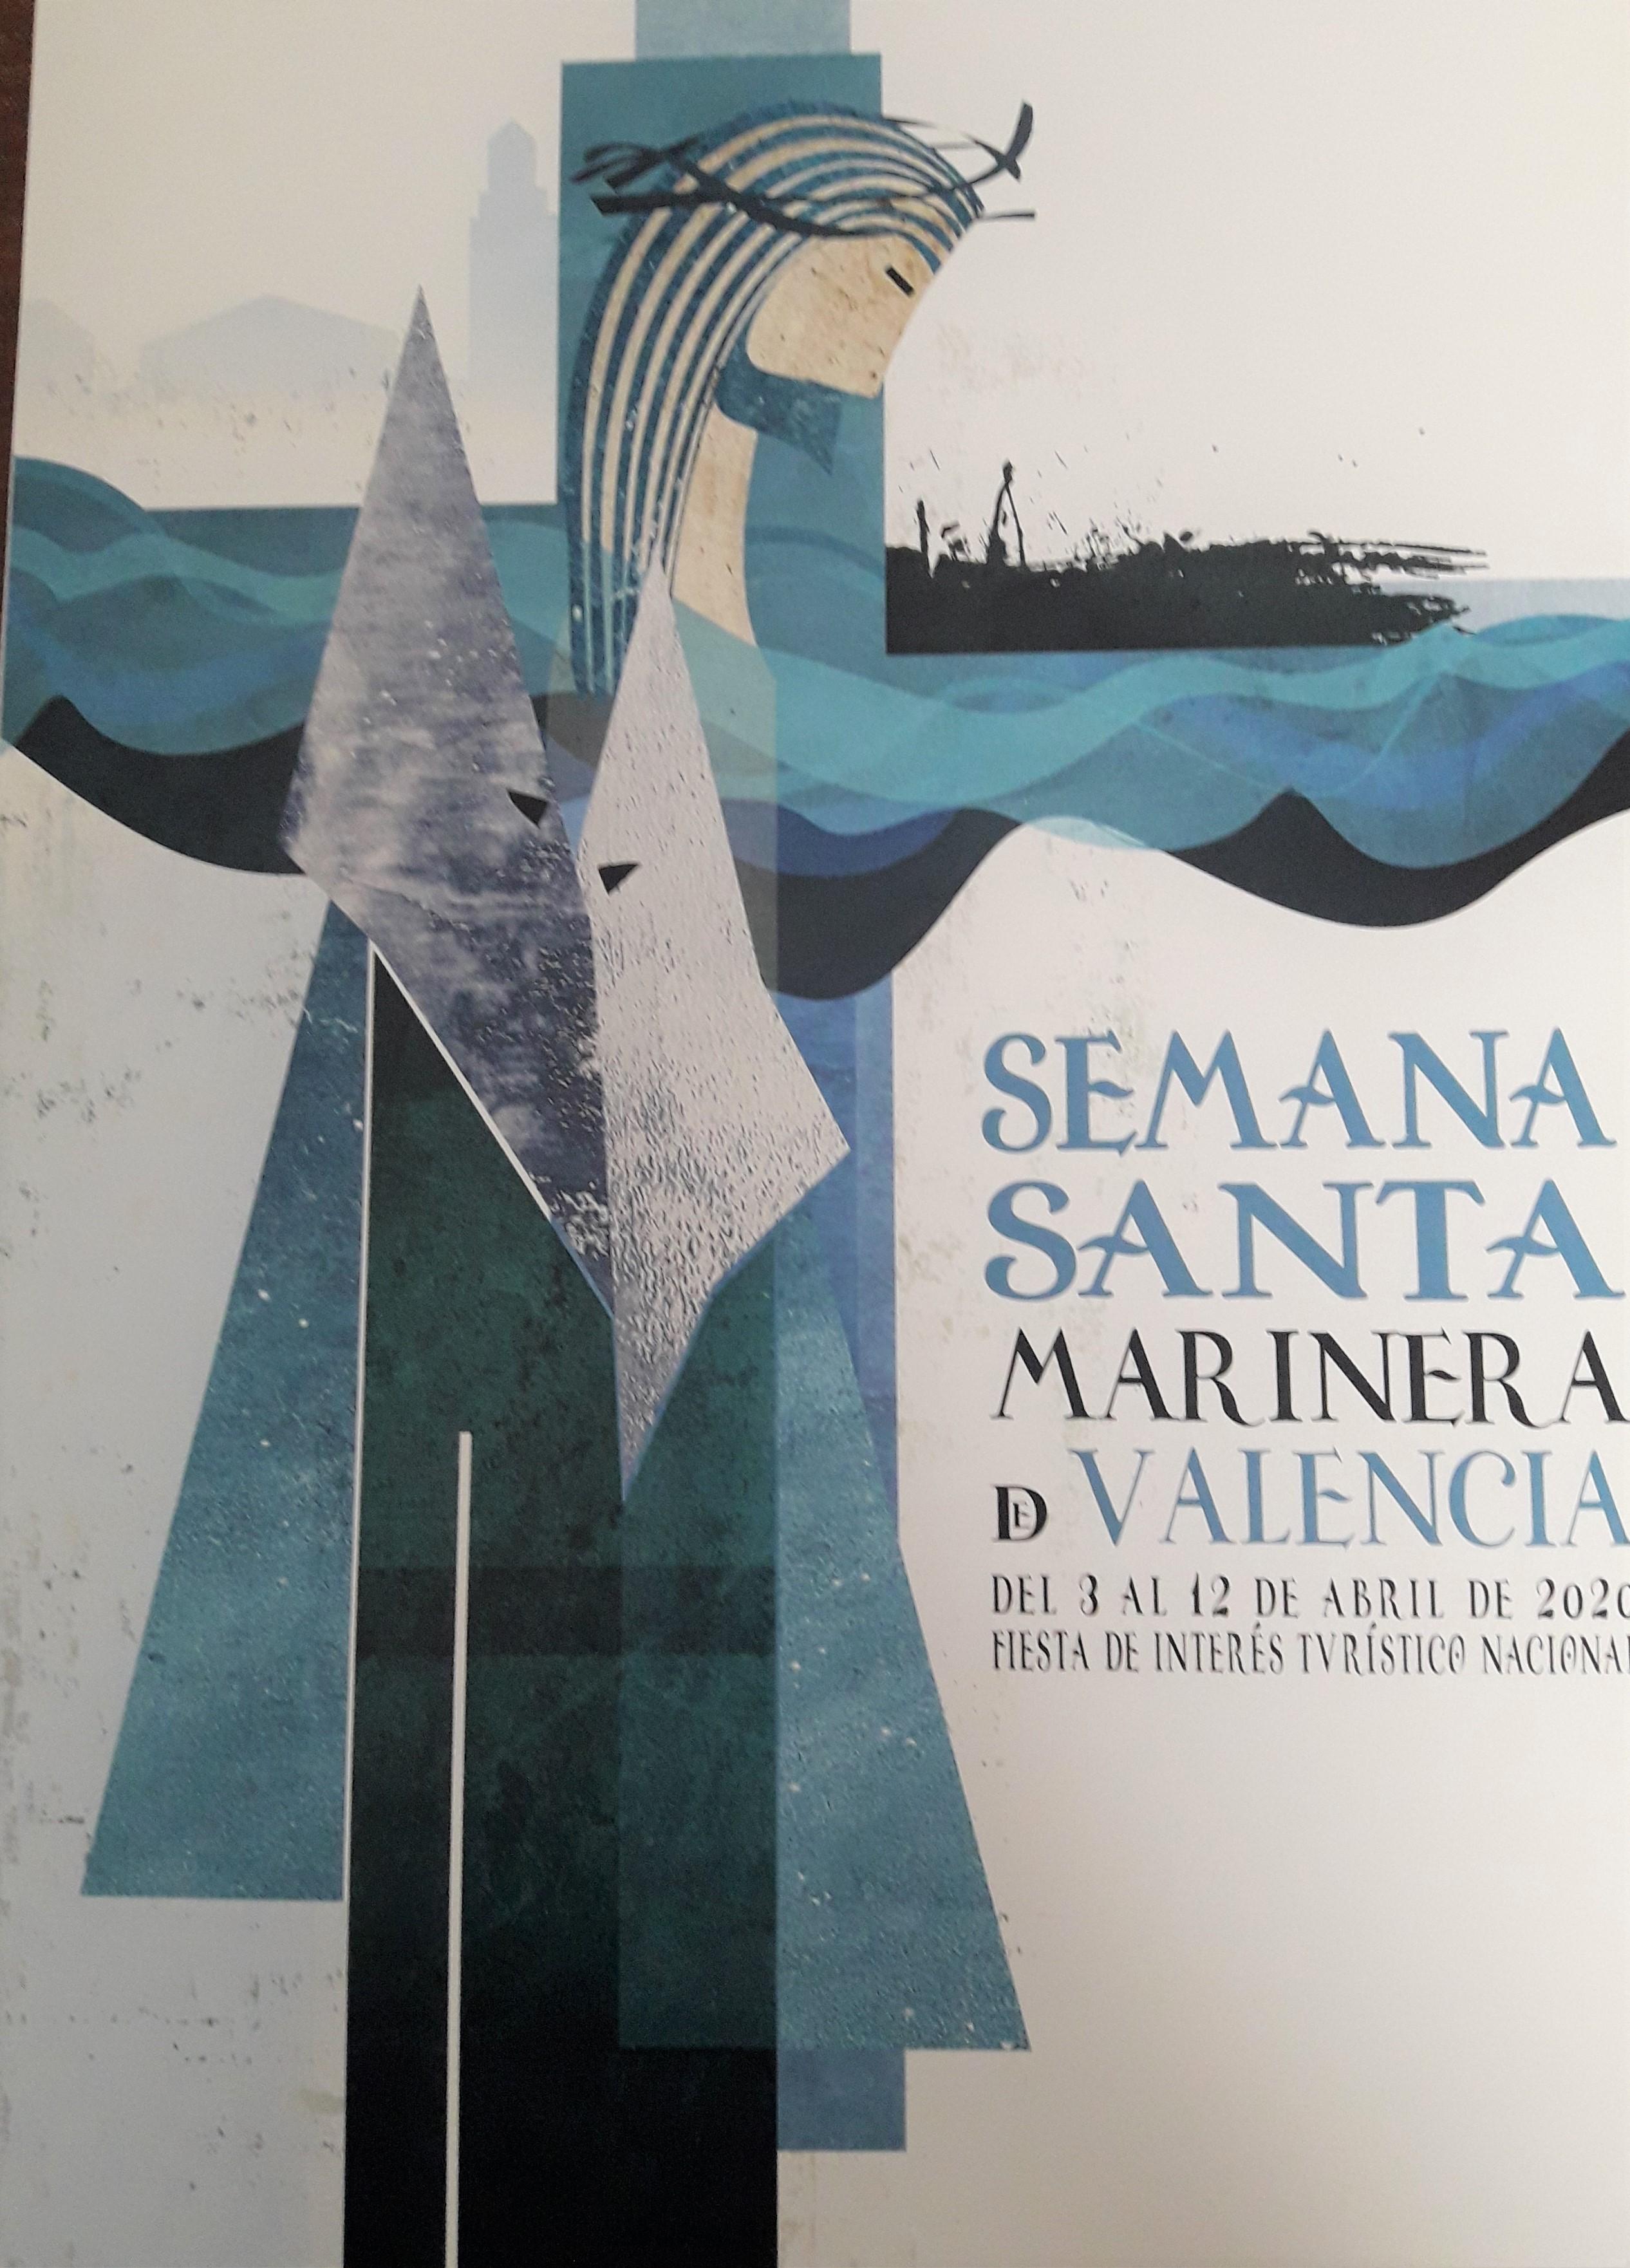 L'obra Mariner de Javier Chaler Villanueva, cartell de la Setmana Santa Marinera de València 2020